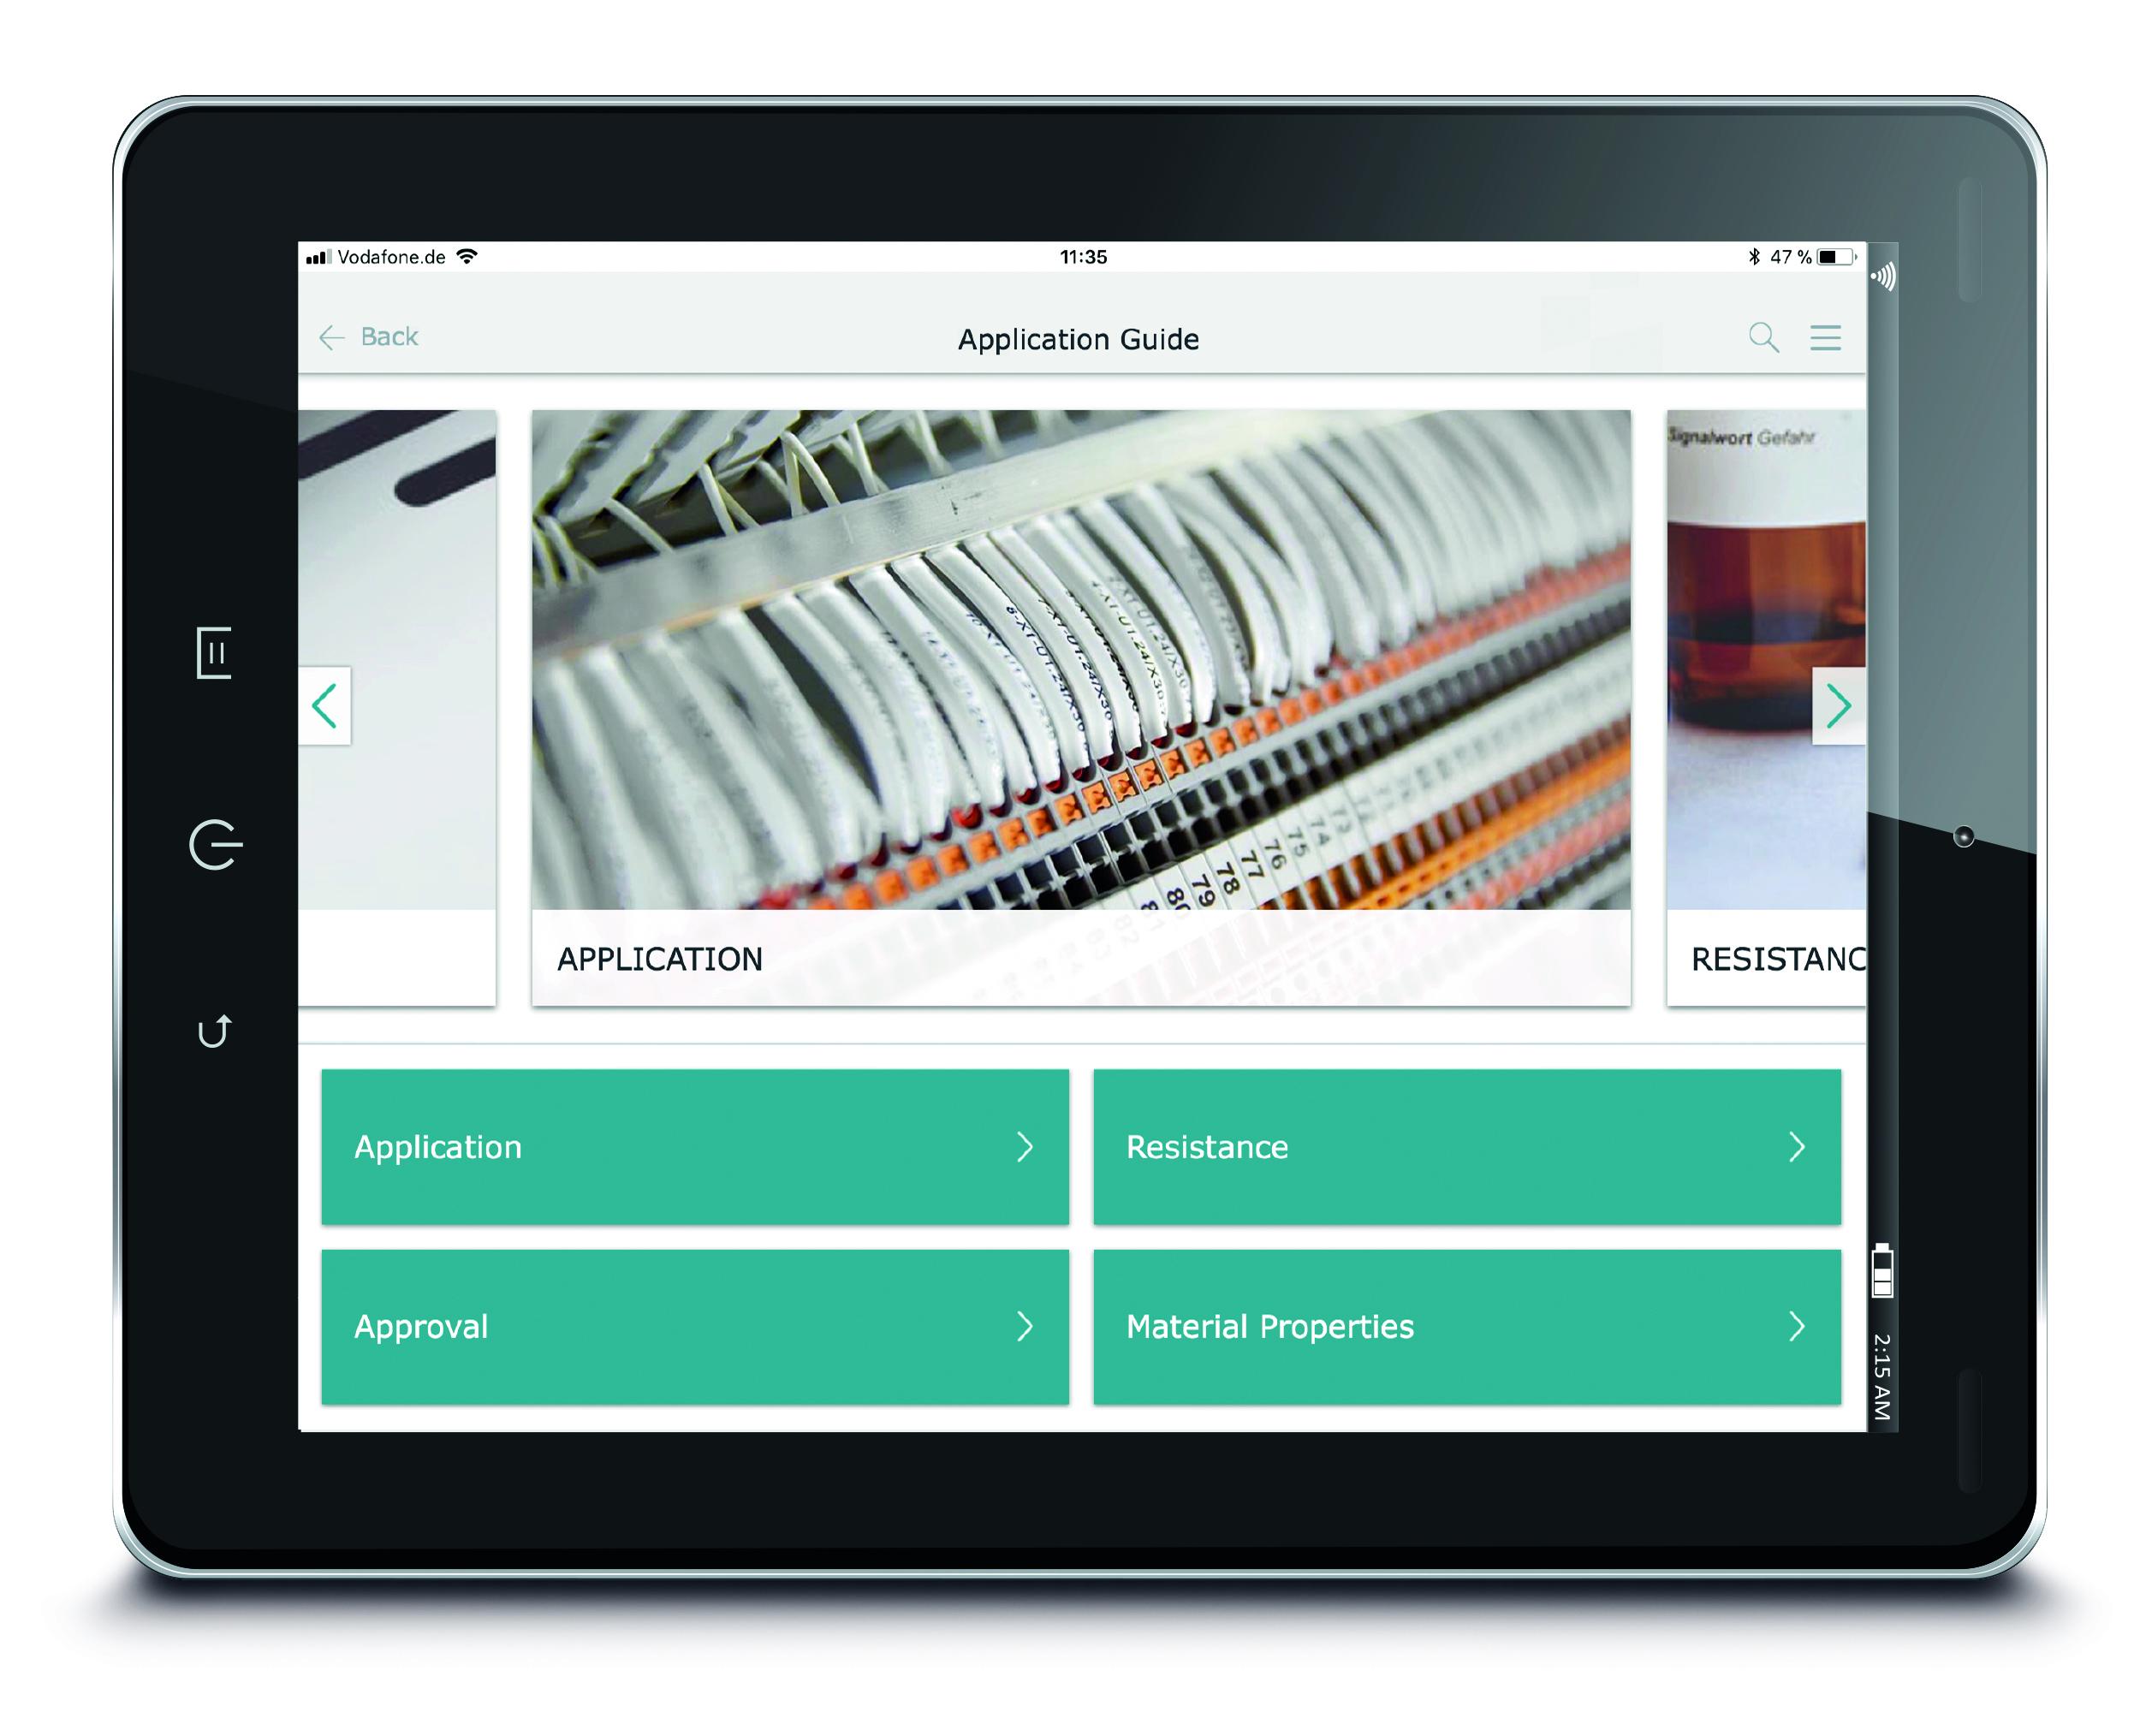 """Uygulama rehberinin dört filtre kriteri bulunmaktadır: """"Uygulama"""", """"Dayanıklılık"""", """"Onay"""" ve """"Malzeme özellikleri"""""""